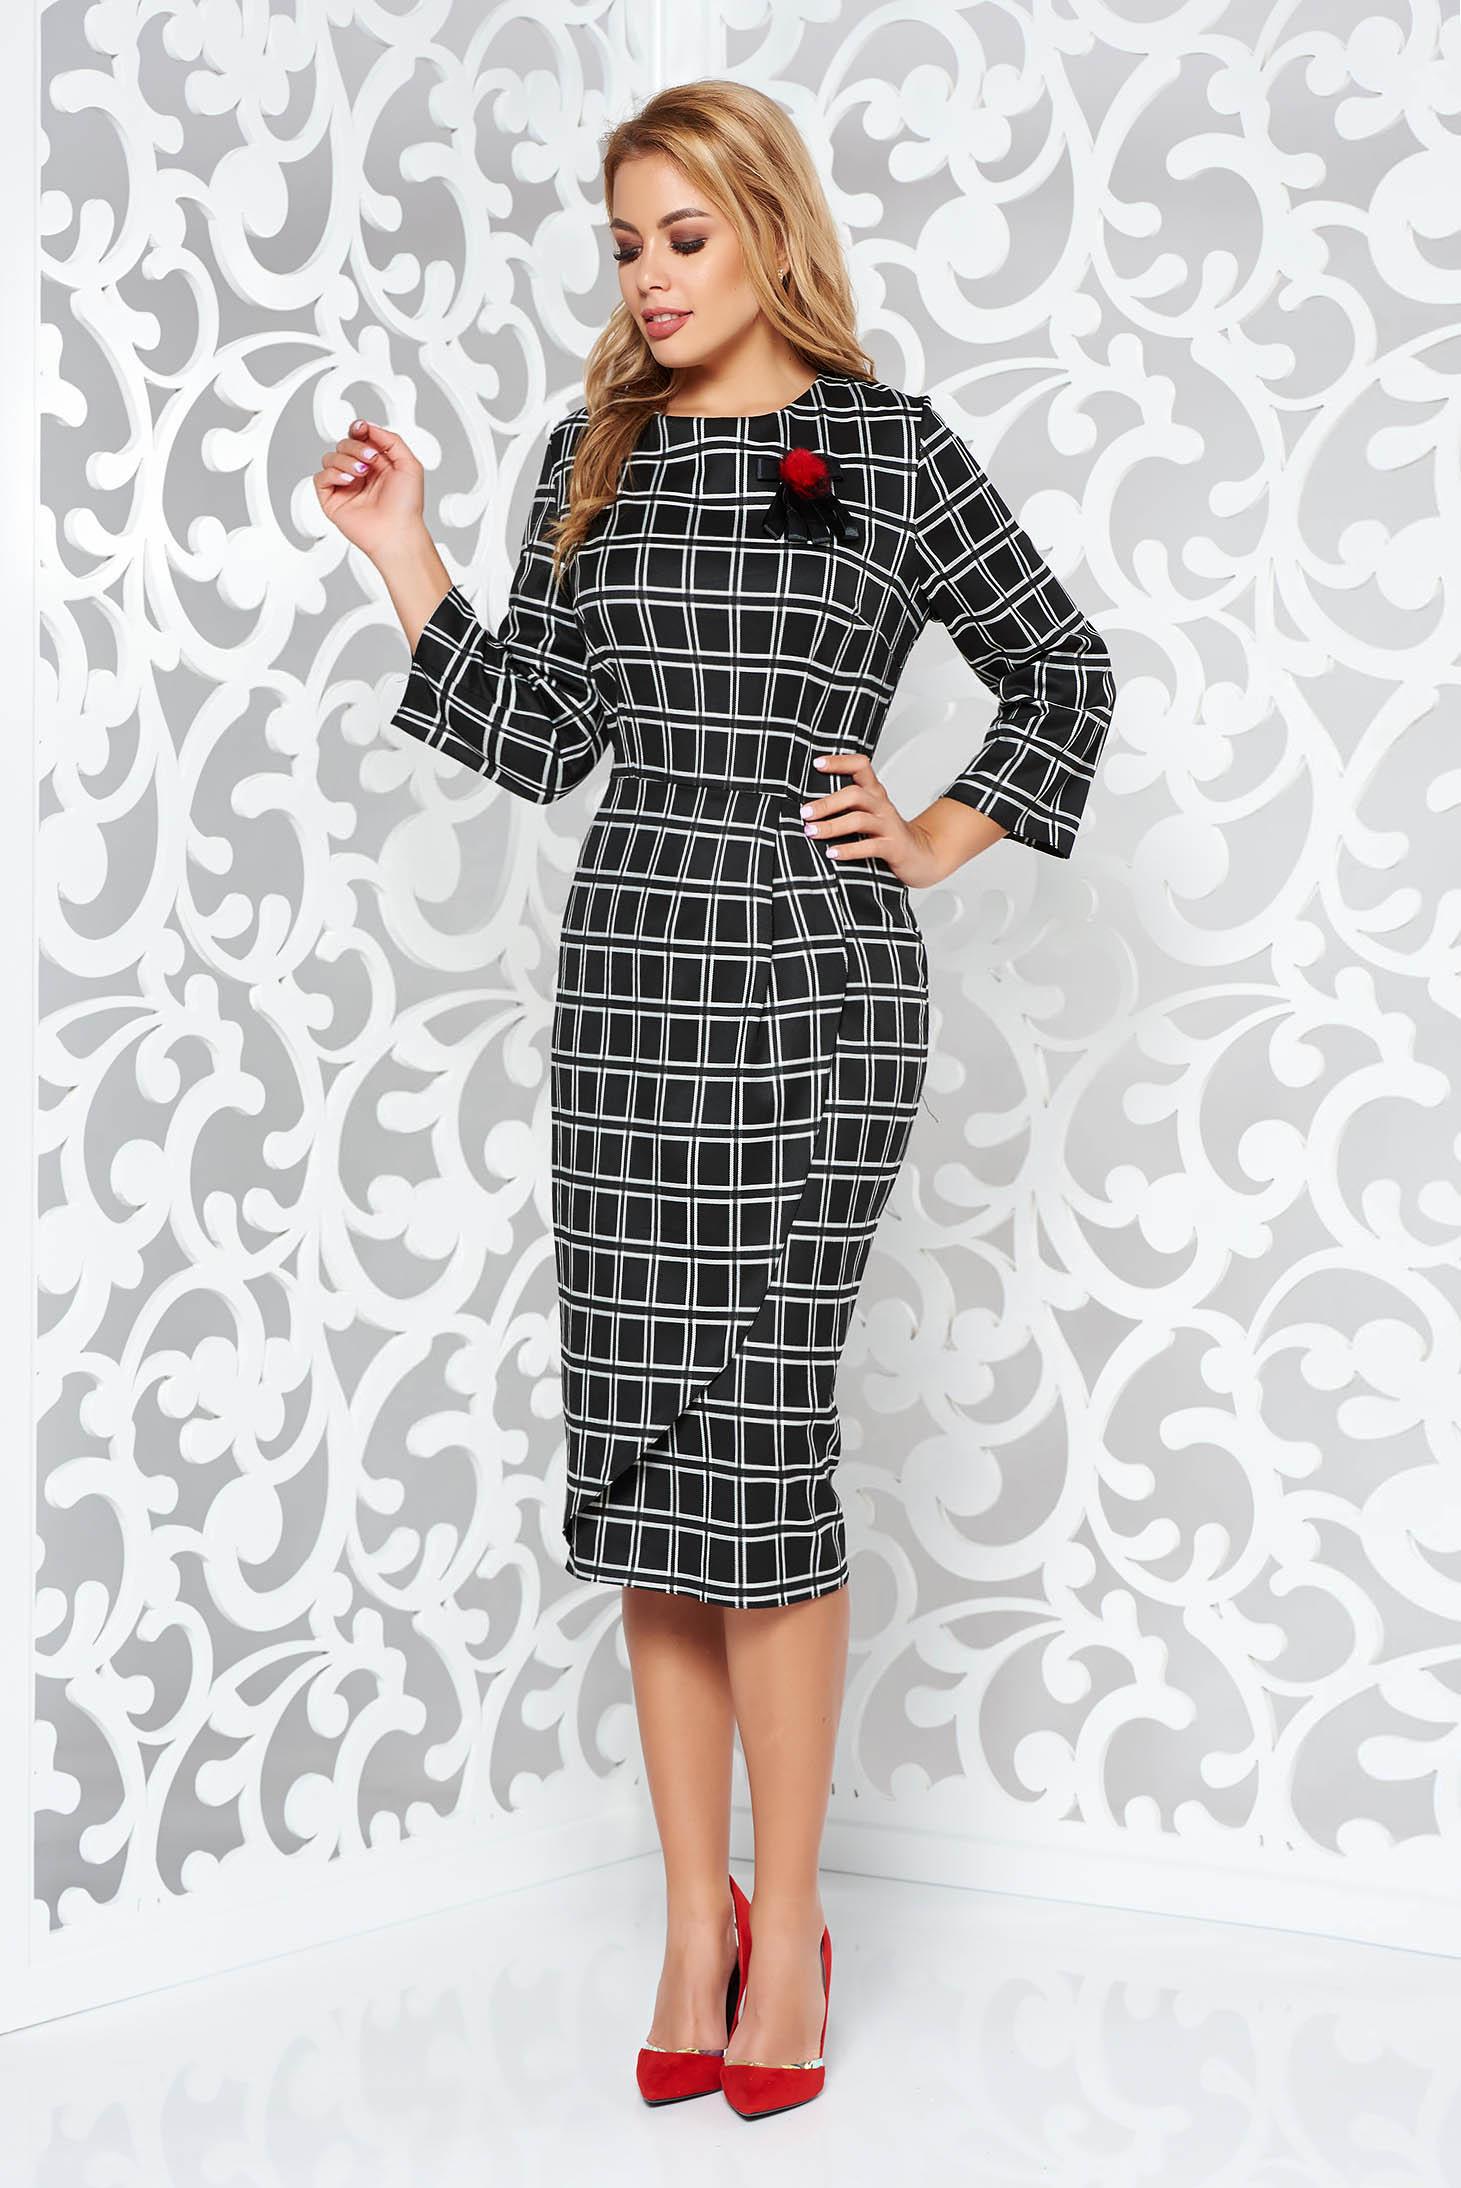 Rochie neagra midi tip creion din stofa usor elastica in carouri accesorizata cu brosa